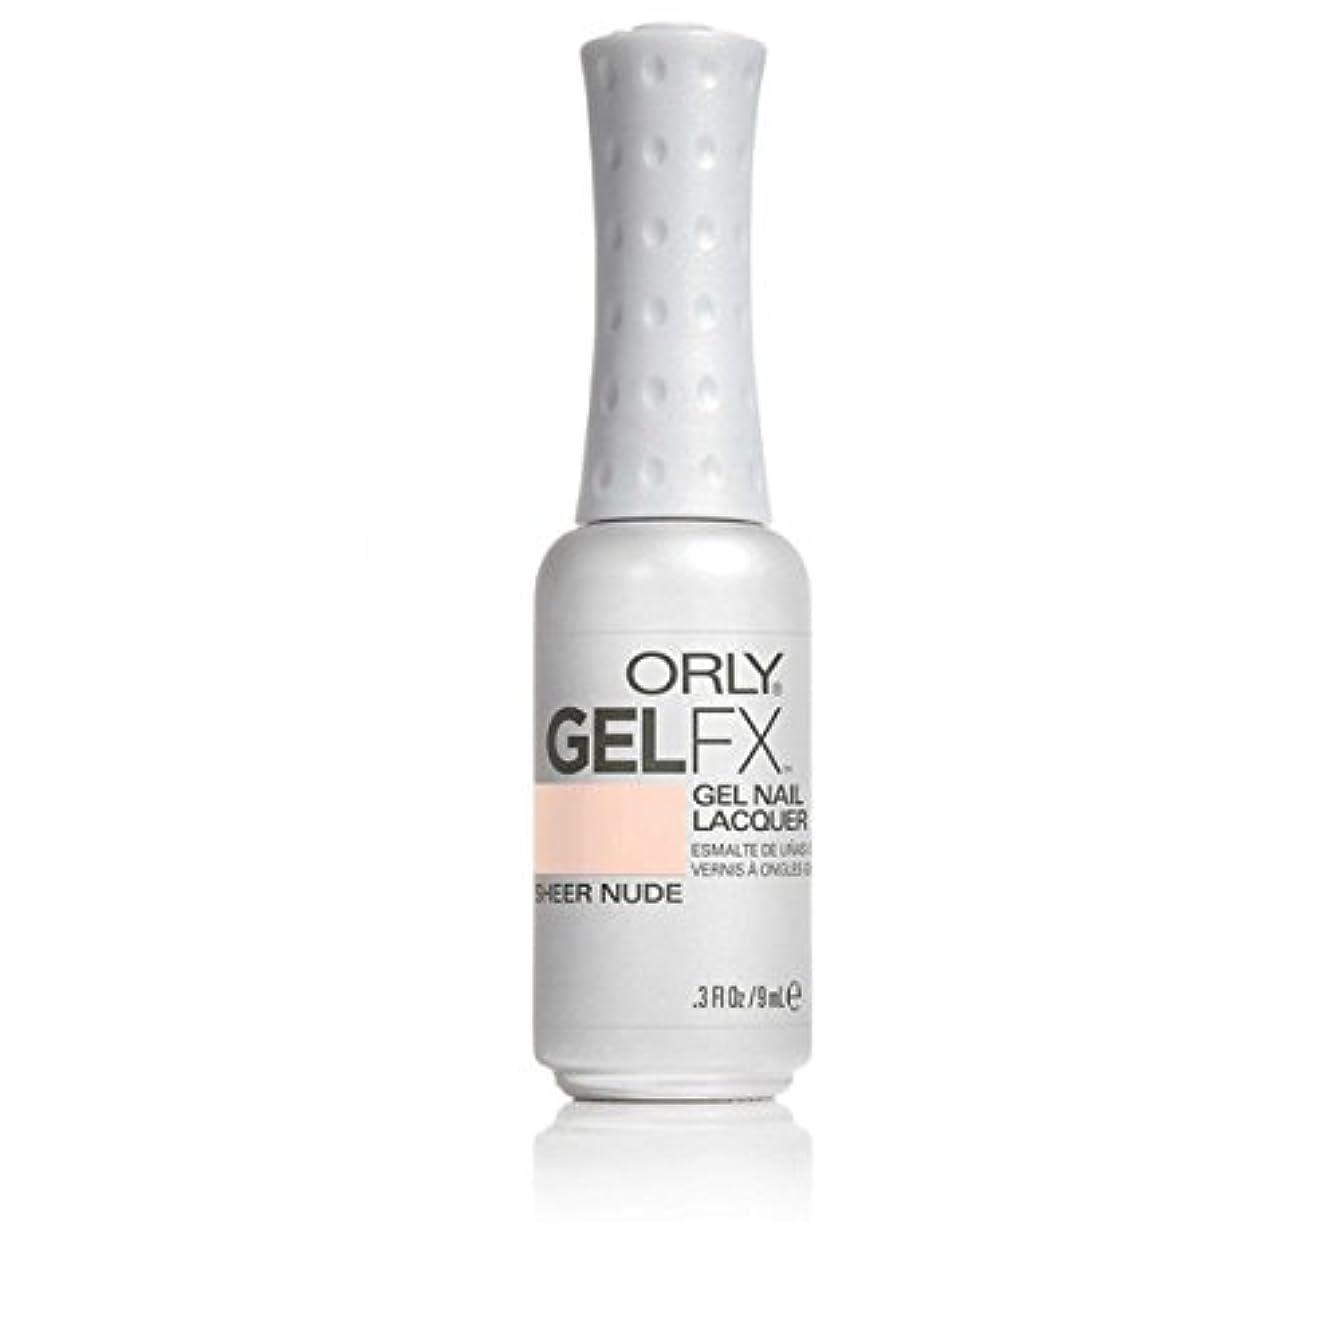 明るい同行する加入ORLY(オーリー)ジェルFXジェルネイルラッカー 9ml シアーヌード#32479